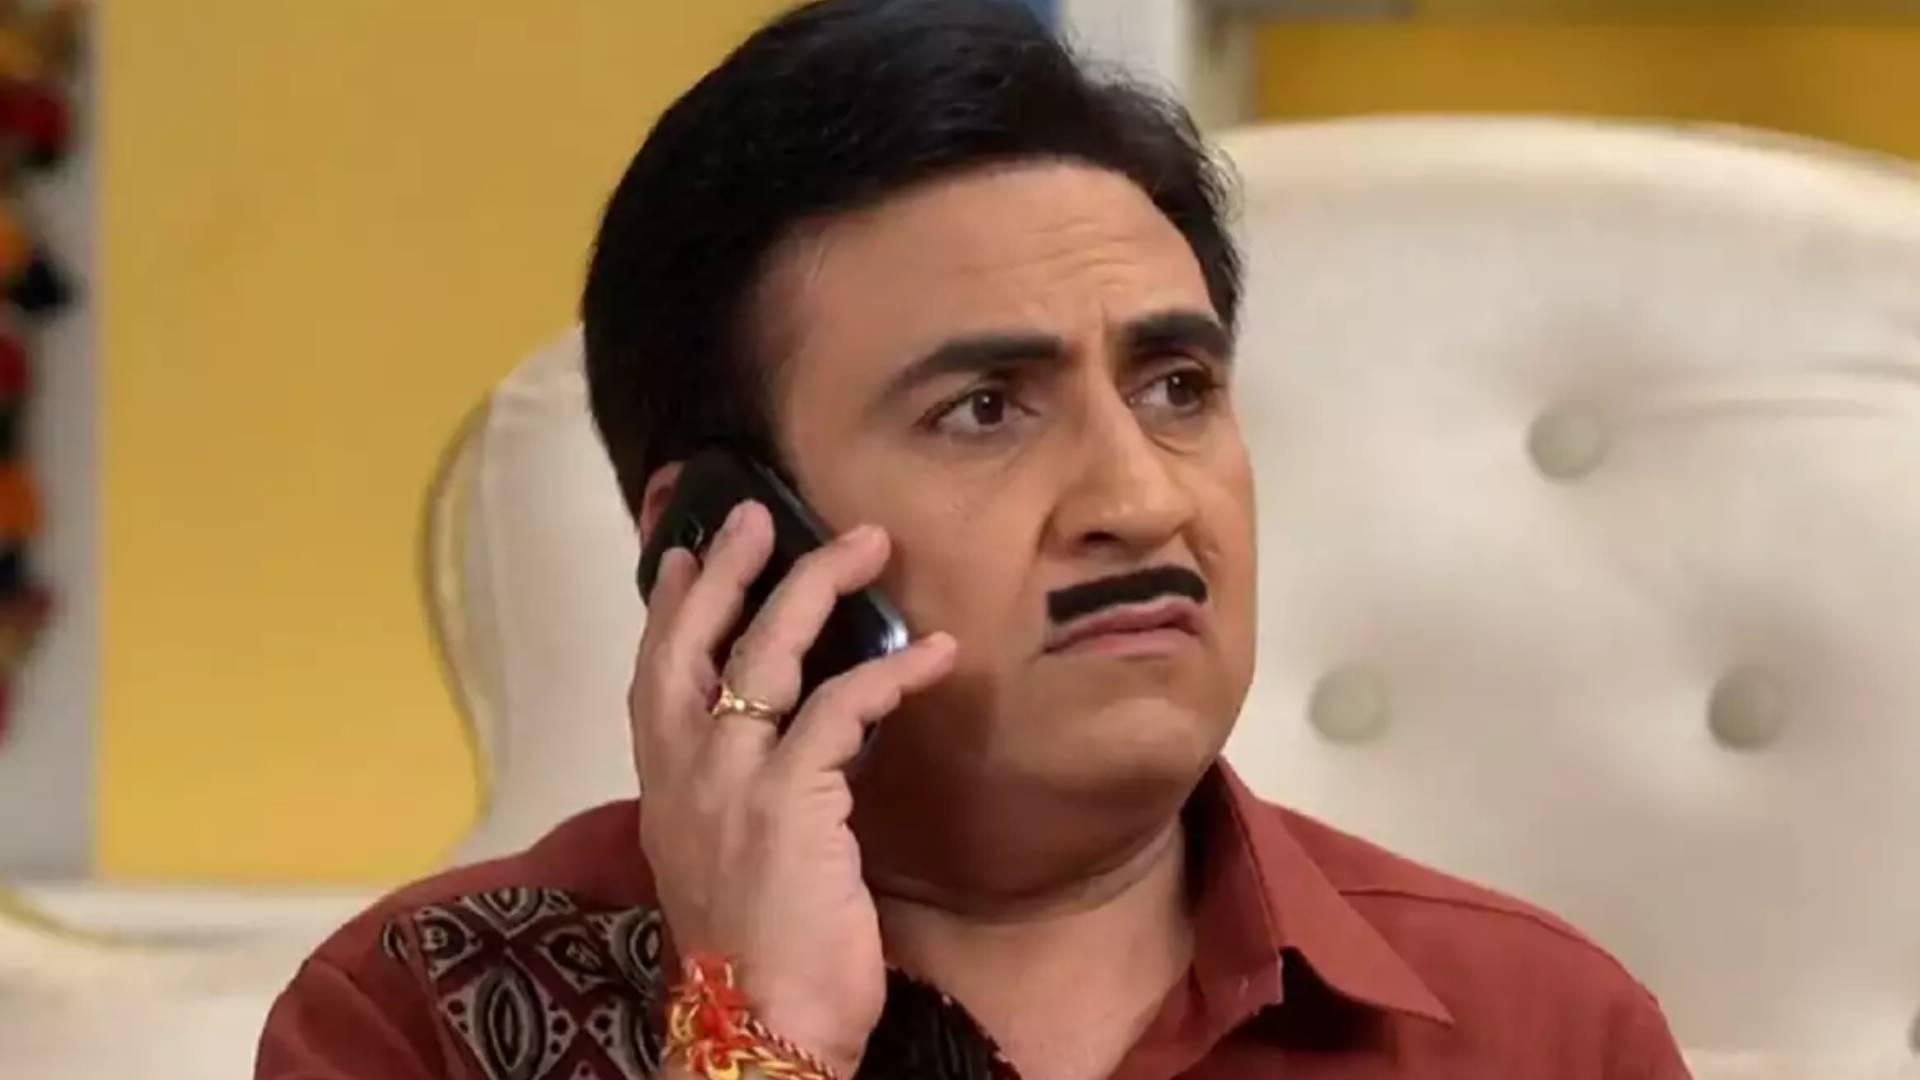 Taarak Mehta Ka Ooltah Chashmah Update: सुंदर ने दिया जेठालाल को धोखा, फोन पर दया बनकर की बात